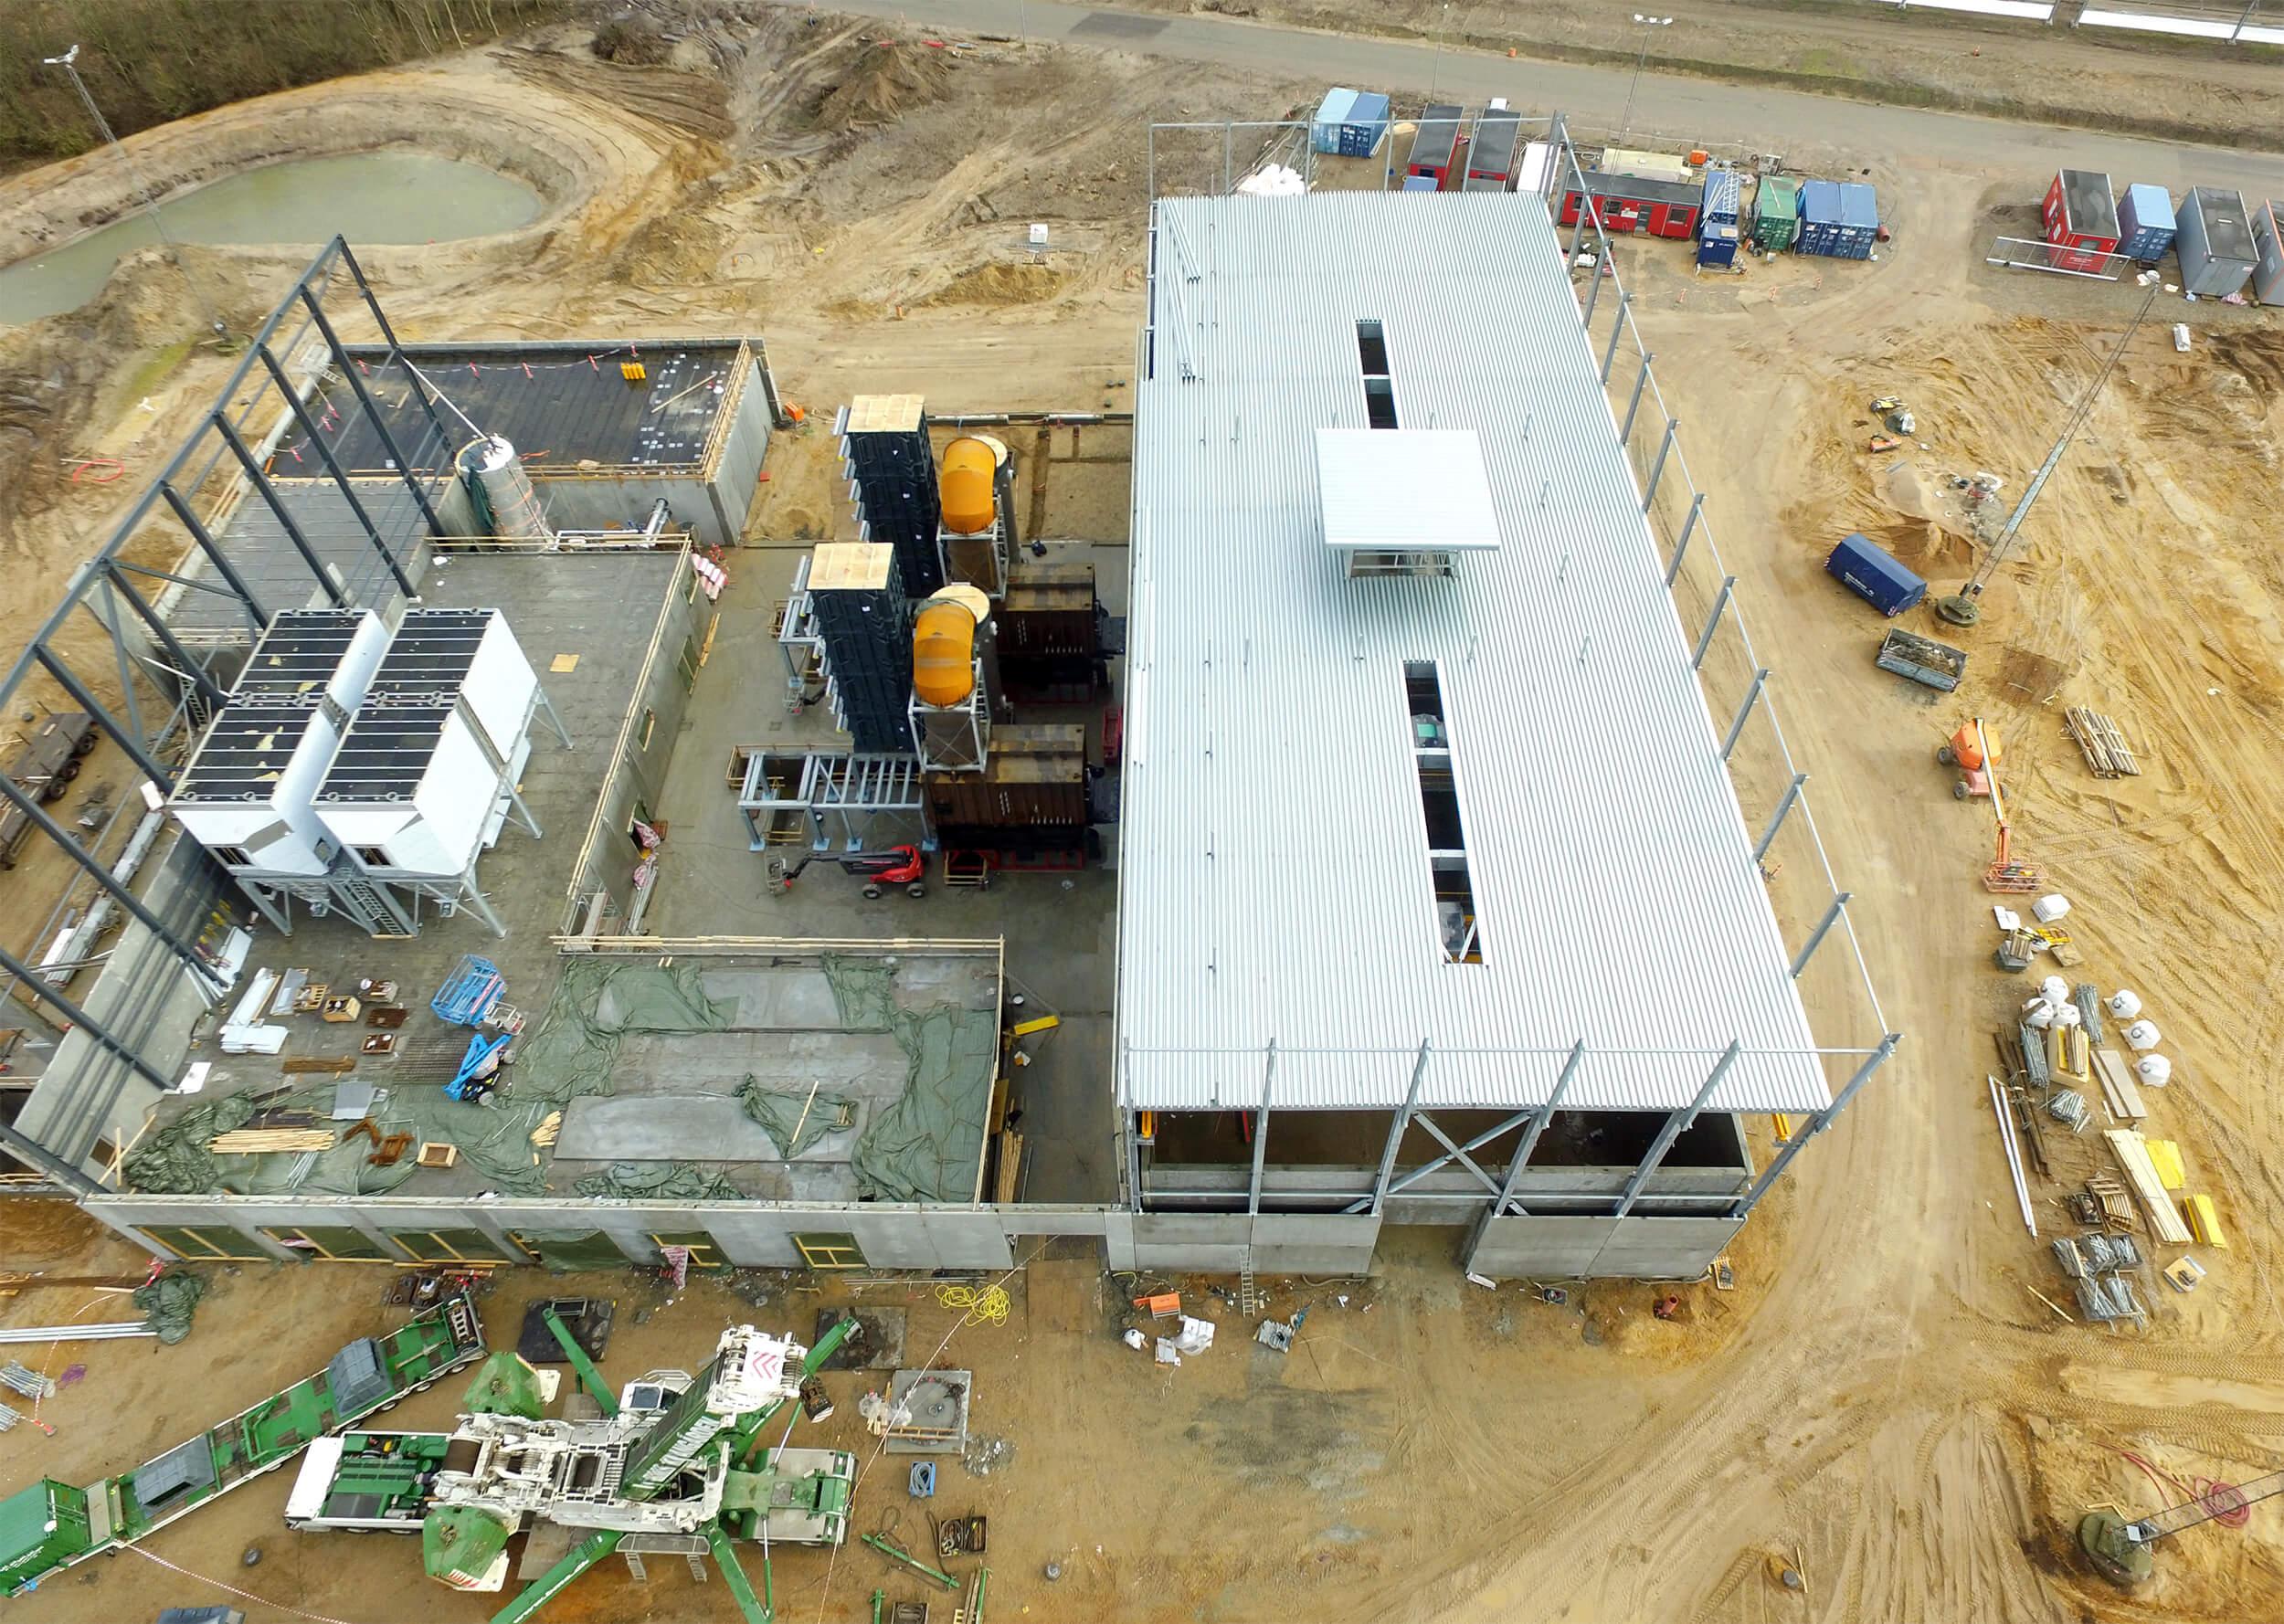 richard-thomsen-byggeri-brønderslev-varmeværk.jpg